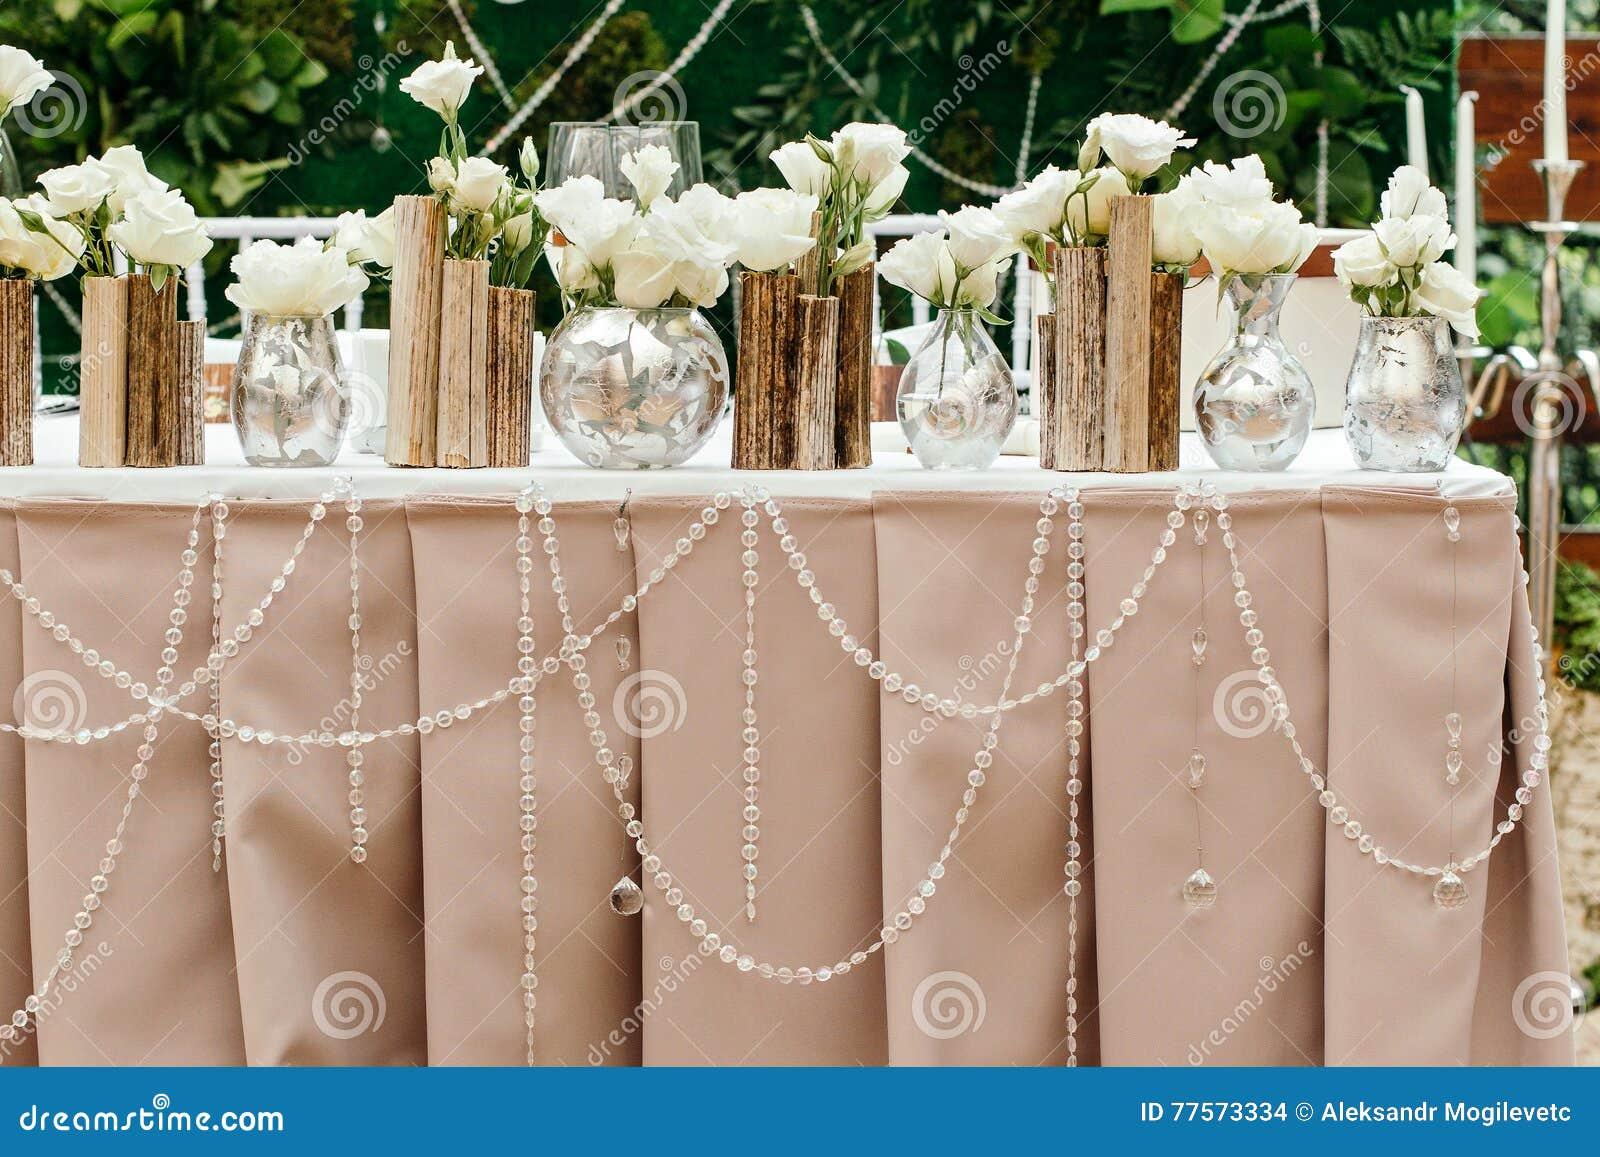 Schöner Dekor an der Hochzeit Die Blumen auf dem Hintergrund der Bretter